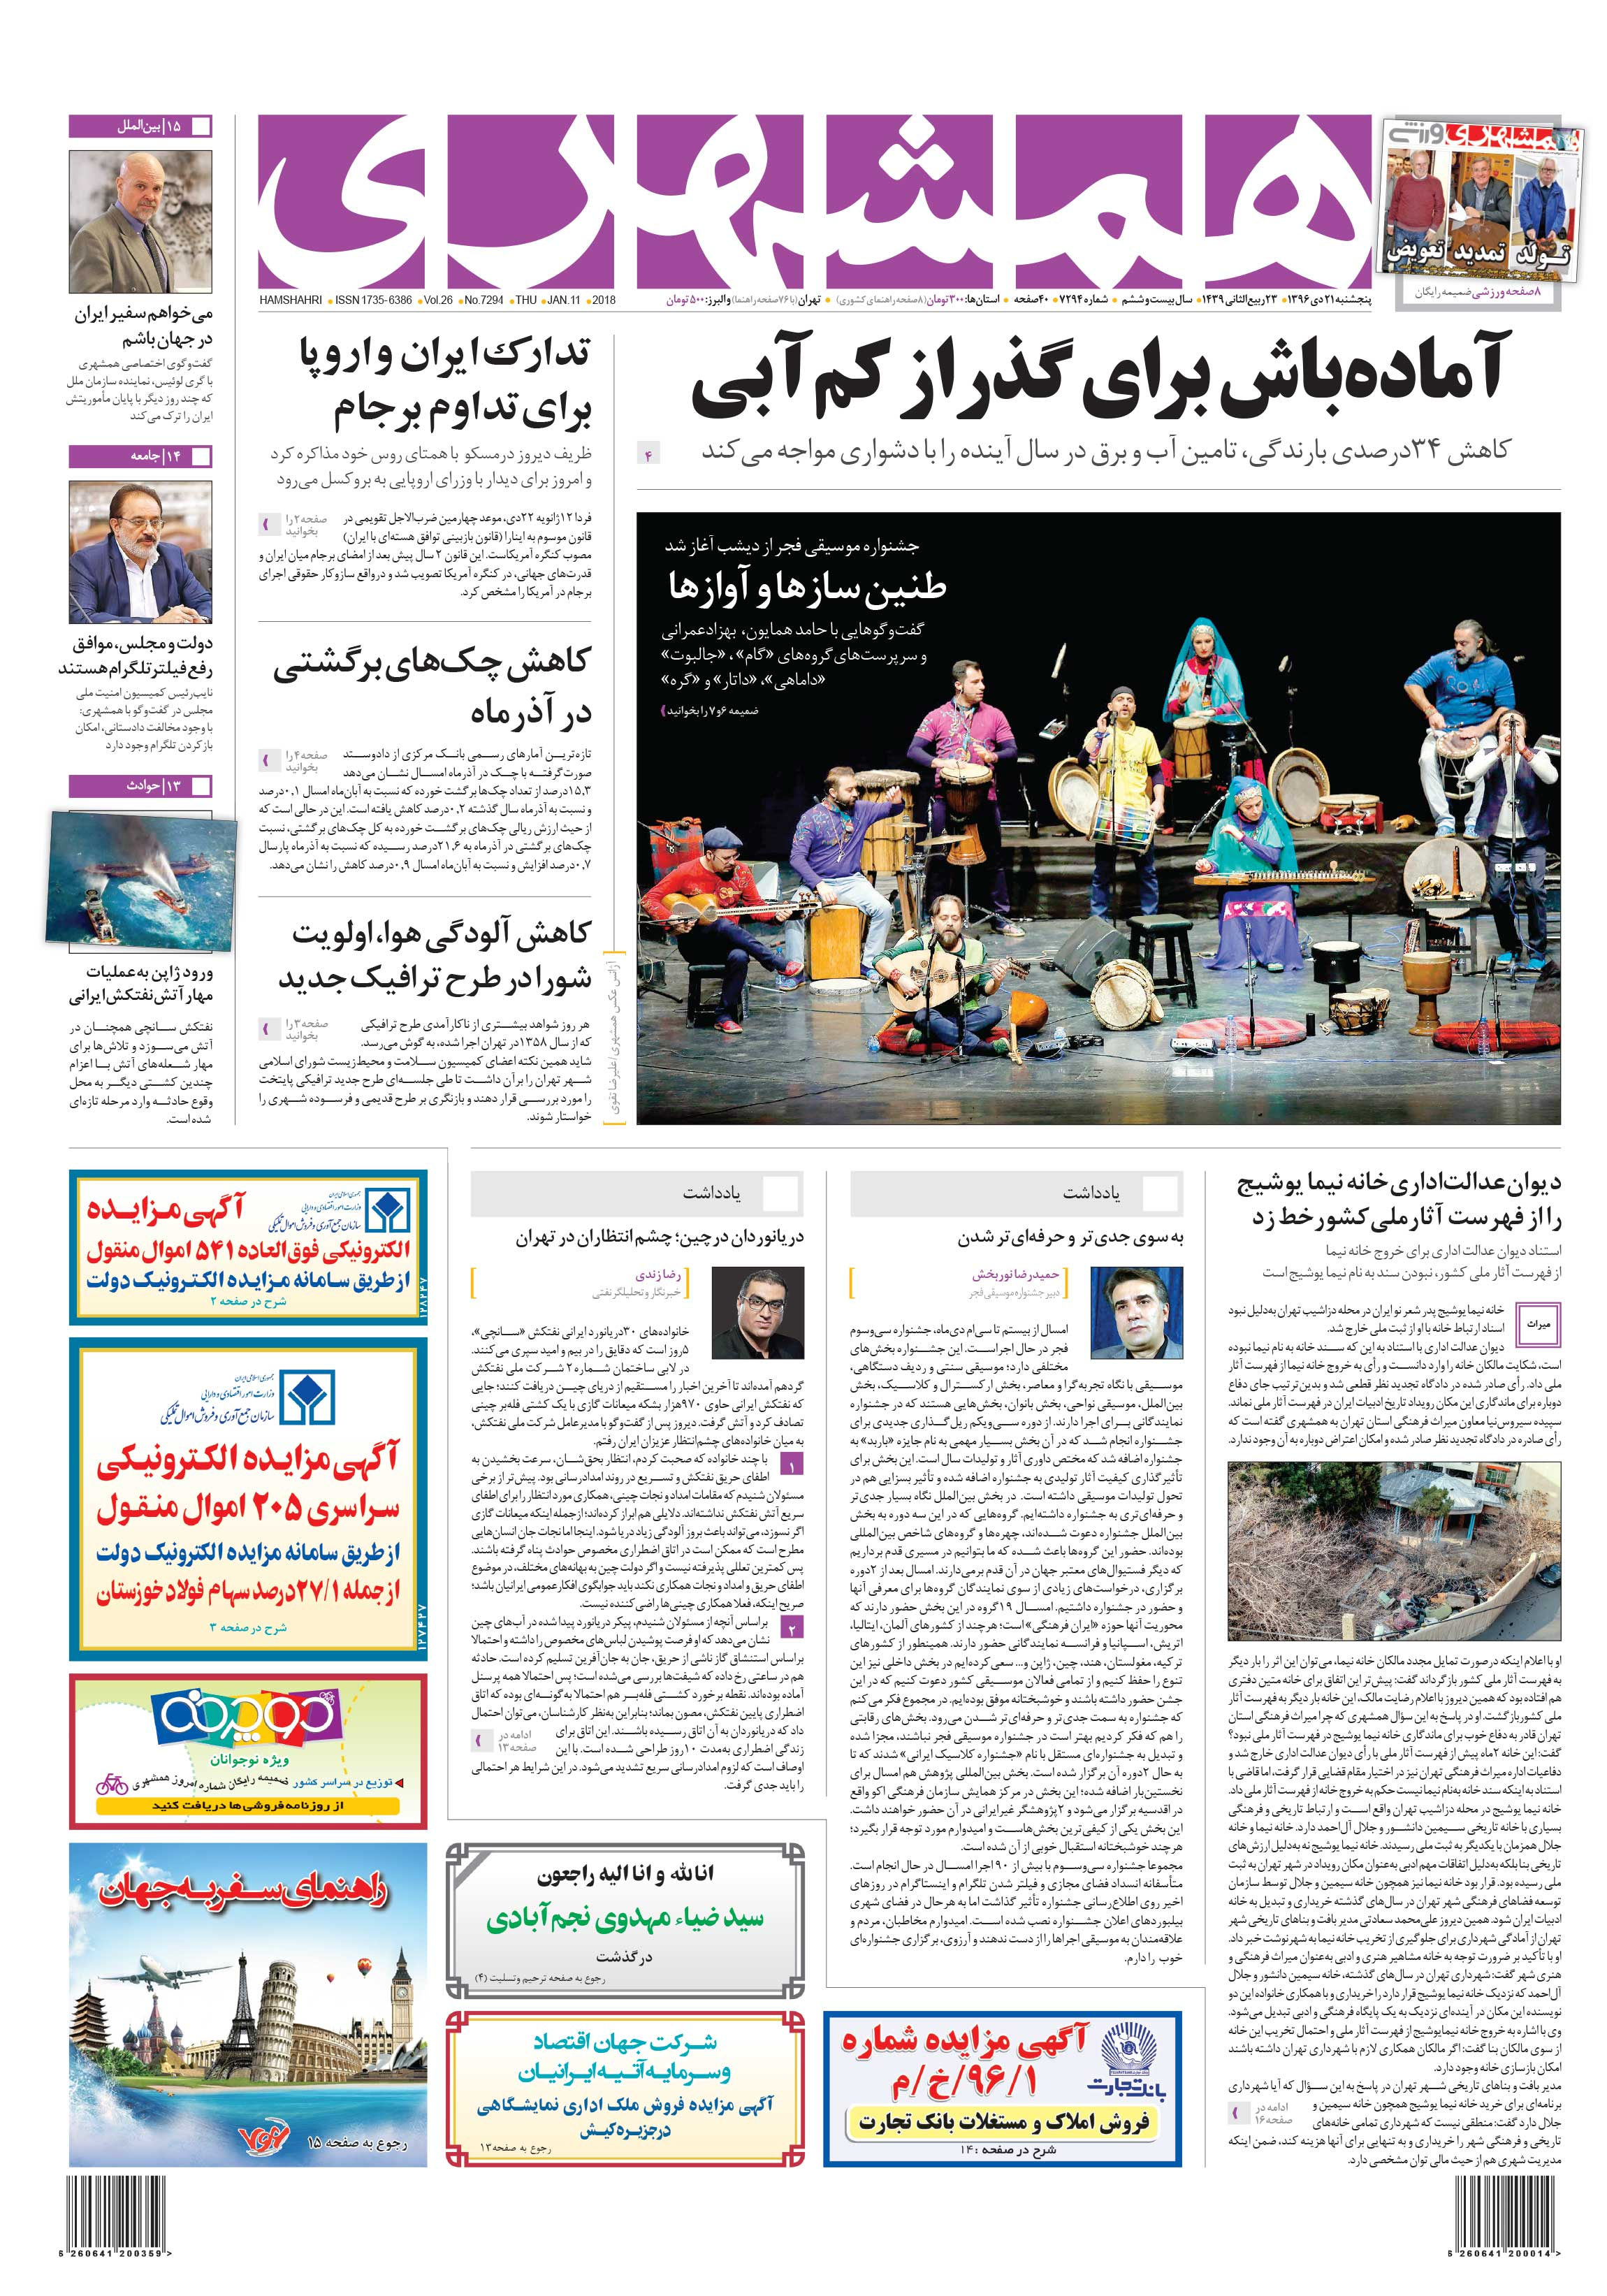 صفحه اول پنجشنبه 21 دیماه 1396